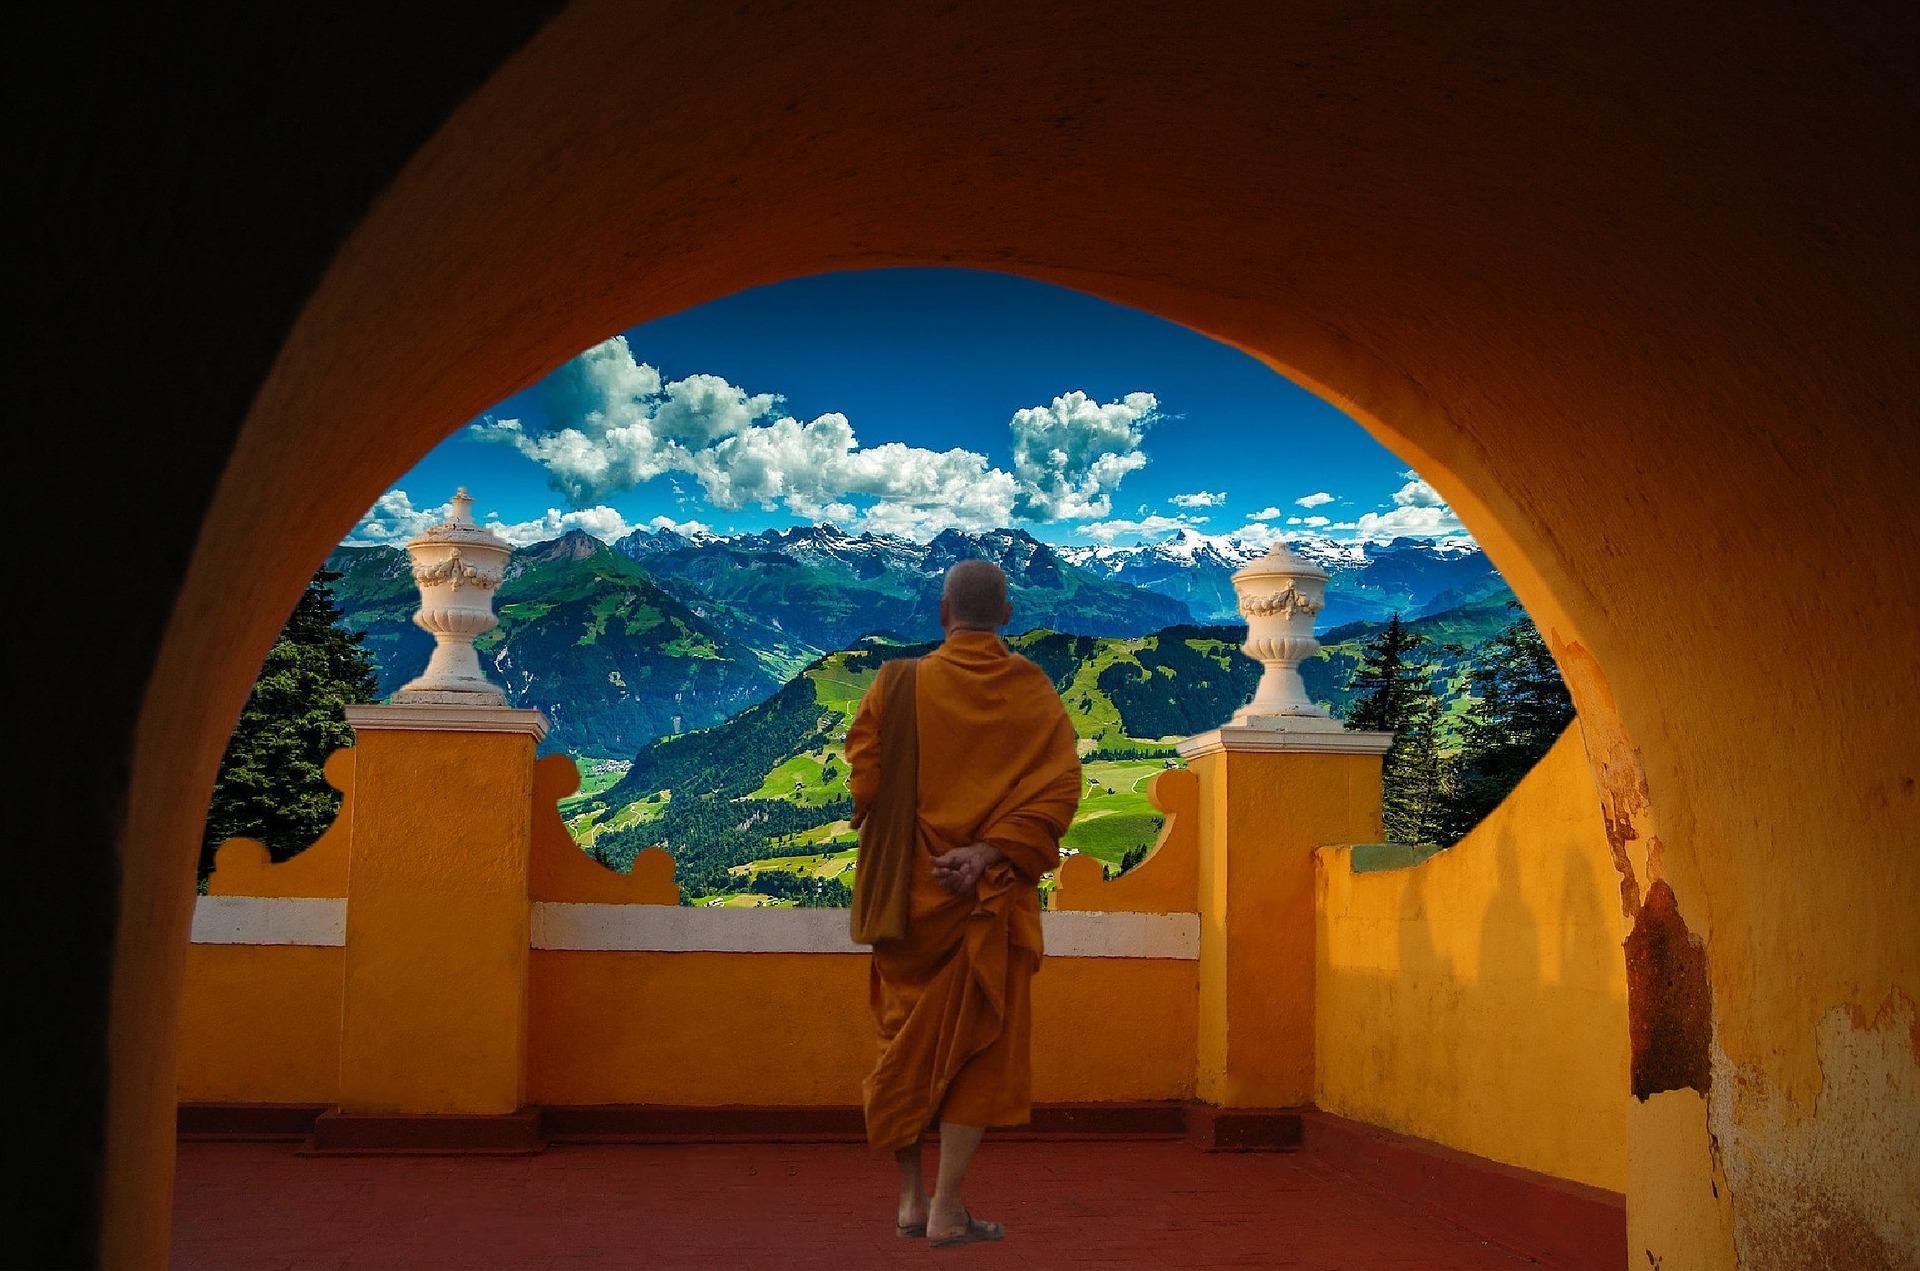 מסע לנפש: איך מתכננים טיול רוחני בהודו?